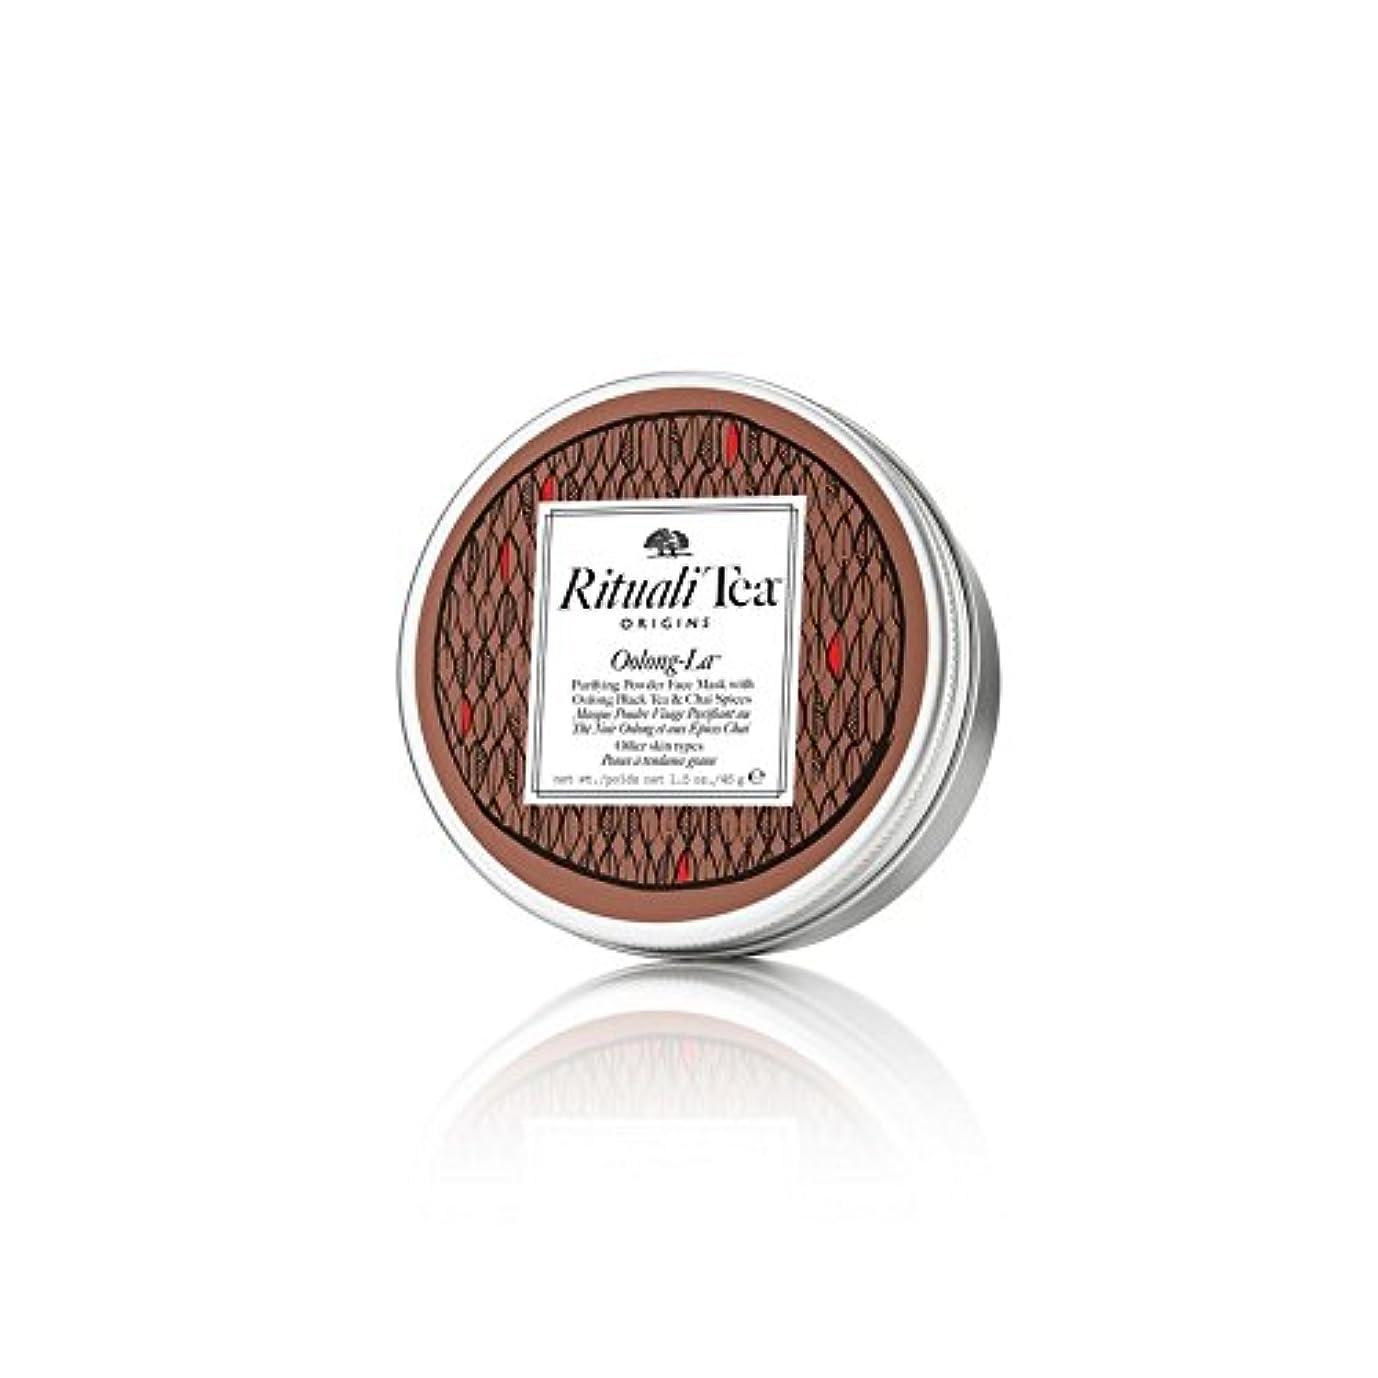 振り子敵対的見るOrigins Powdered Tea Face Mask Oolong-La 45g - 起源抹茶フェイスマスク烏龍茶ラ45グラム [並行輸入品]